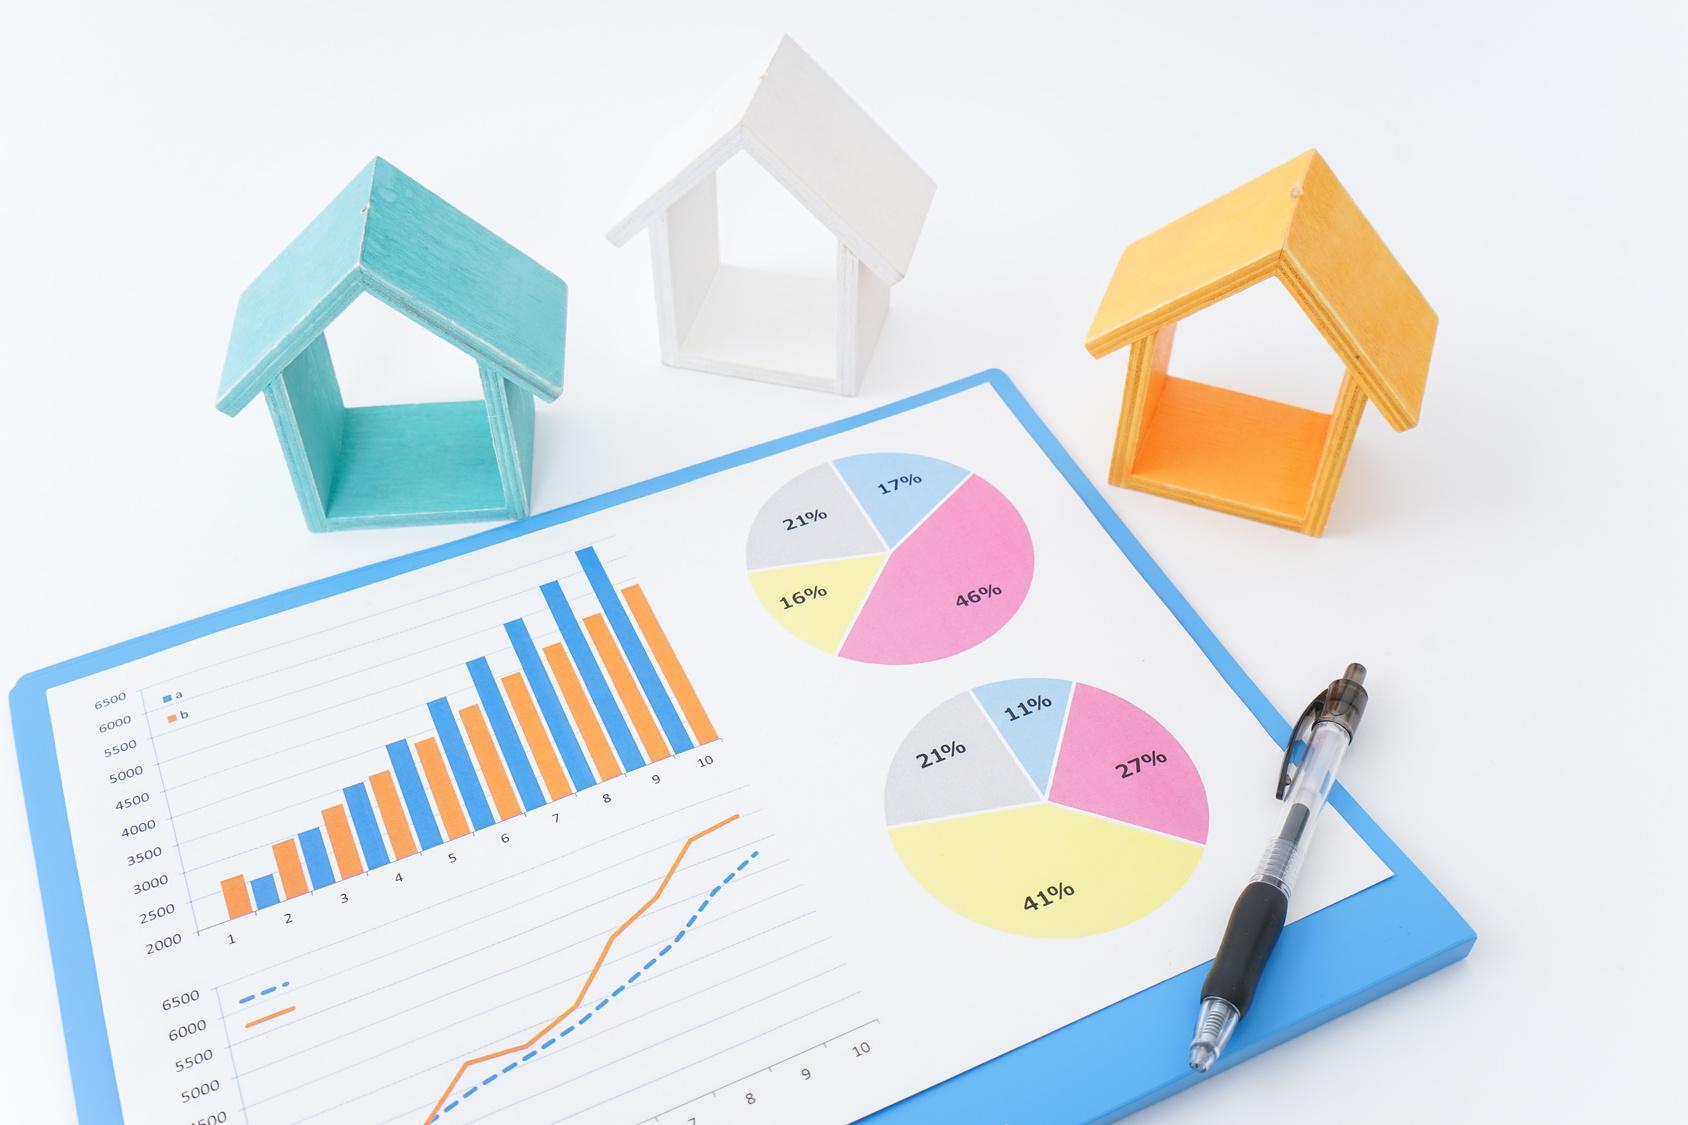 家賃を節約する方法・収入の何割が家賃の目安と引っ越しのシーズンのピークシーズンはいつなのかを解説します